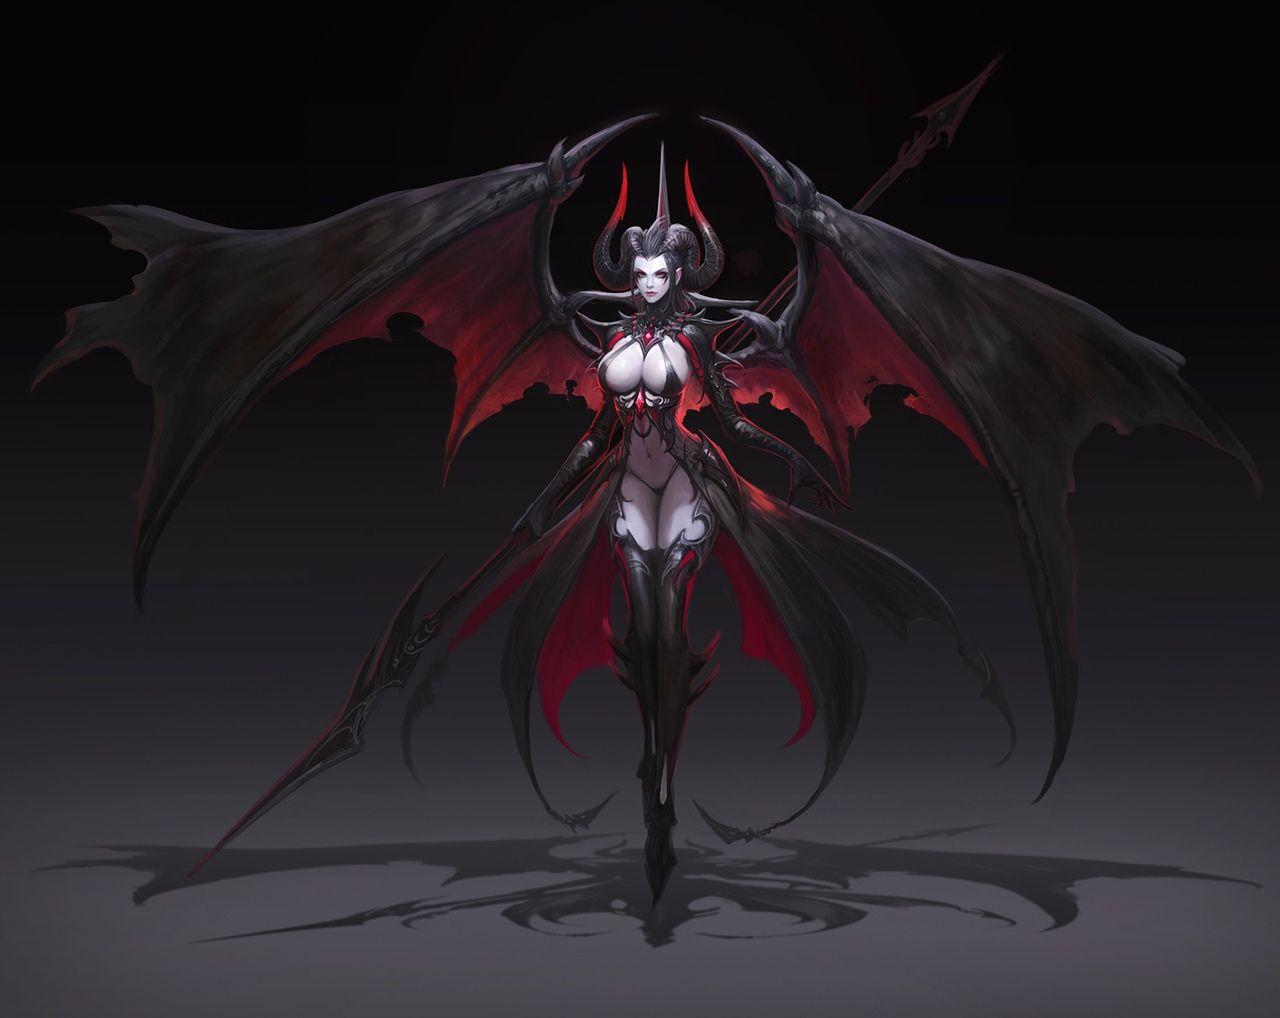 Мои закладки | Фэнтези, Демоны, Аниме